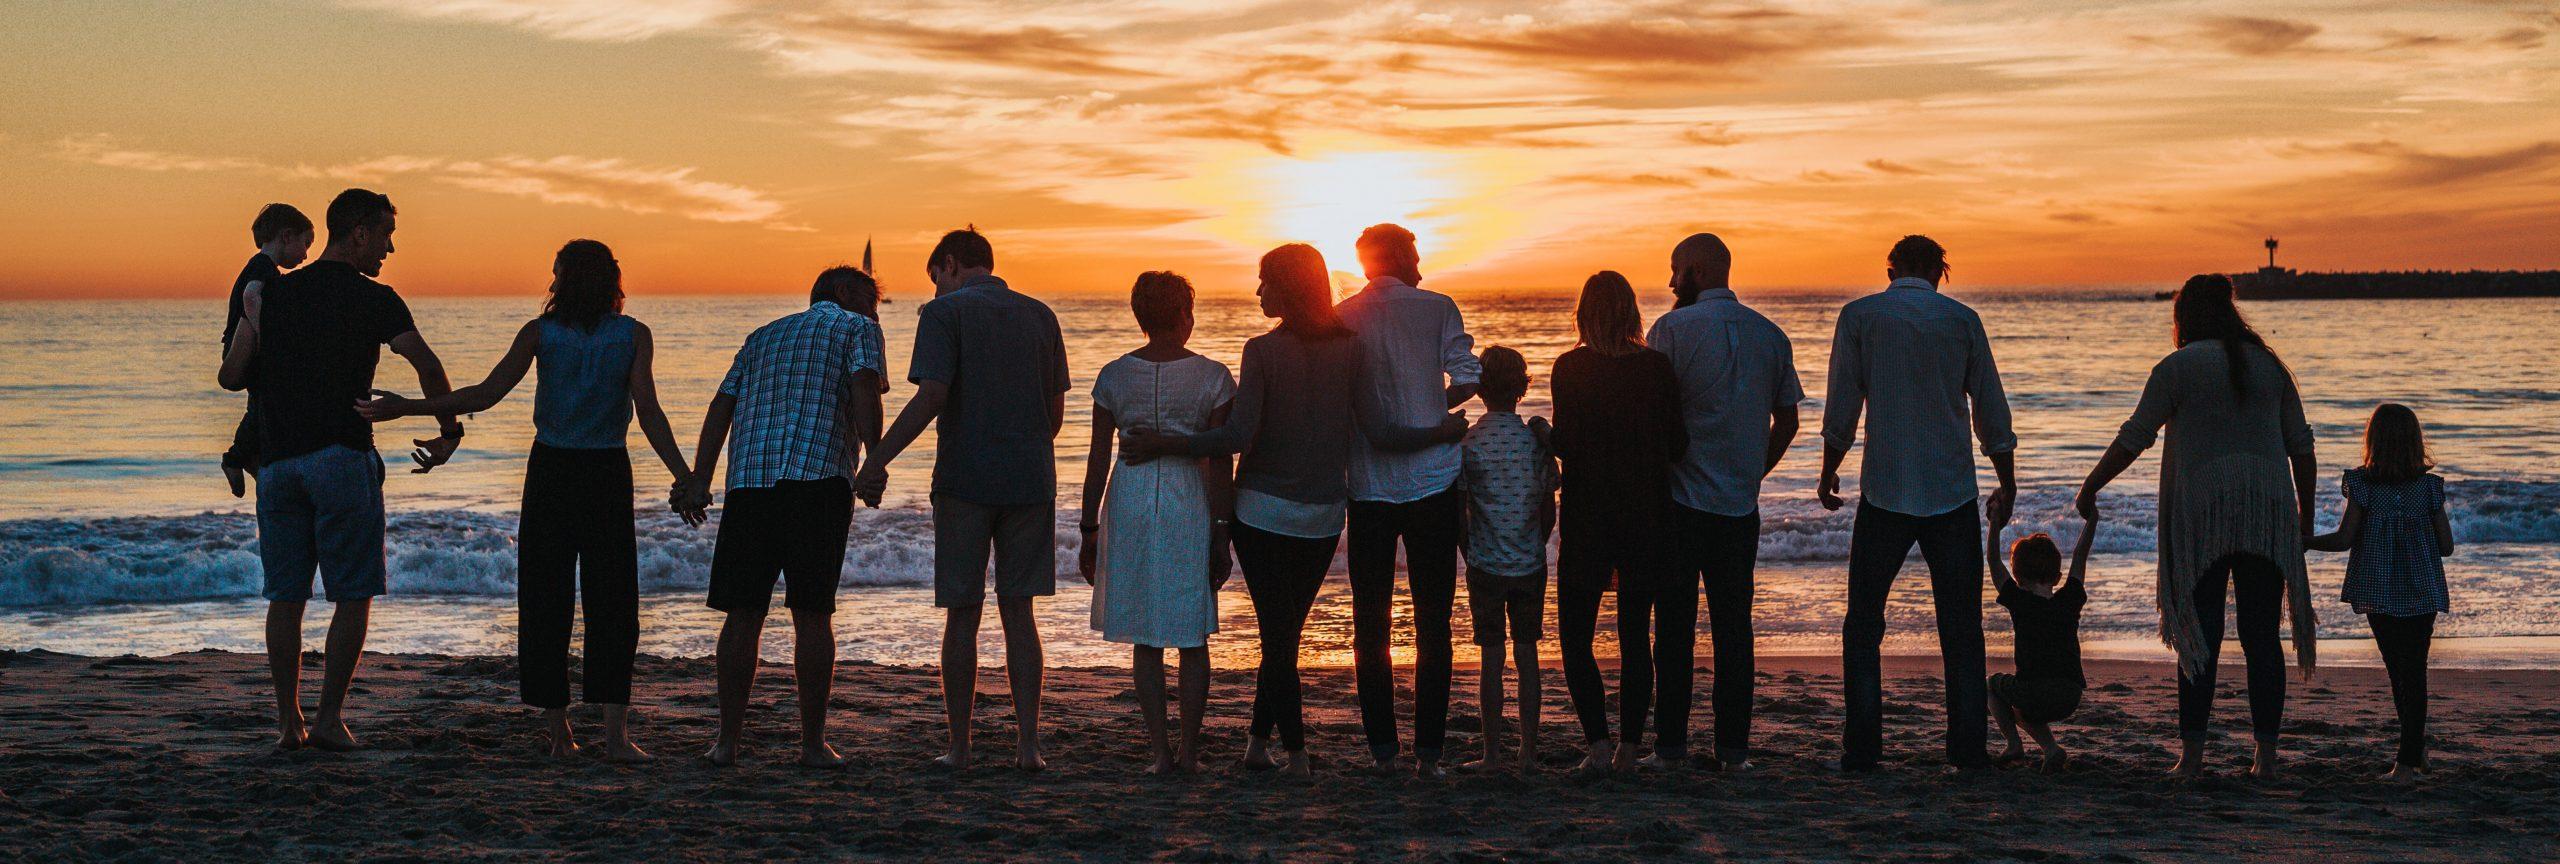 3 generaties reizen - familievakantie - De Planeet reizen